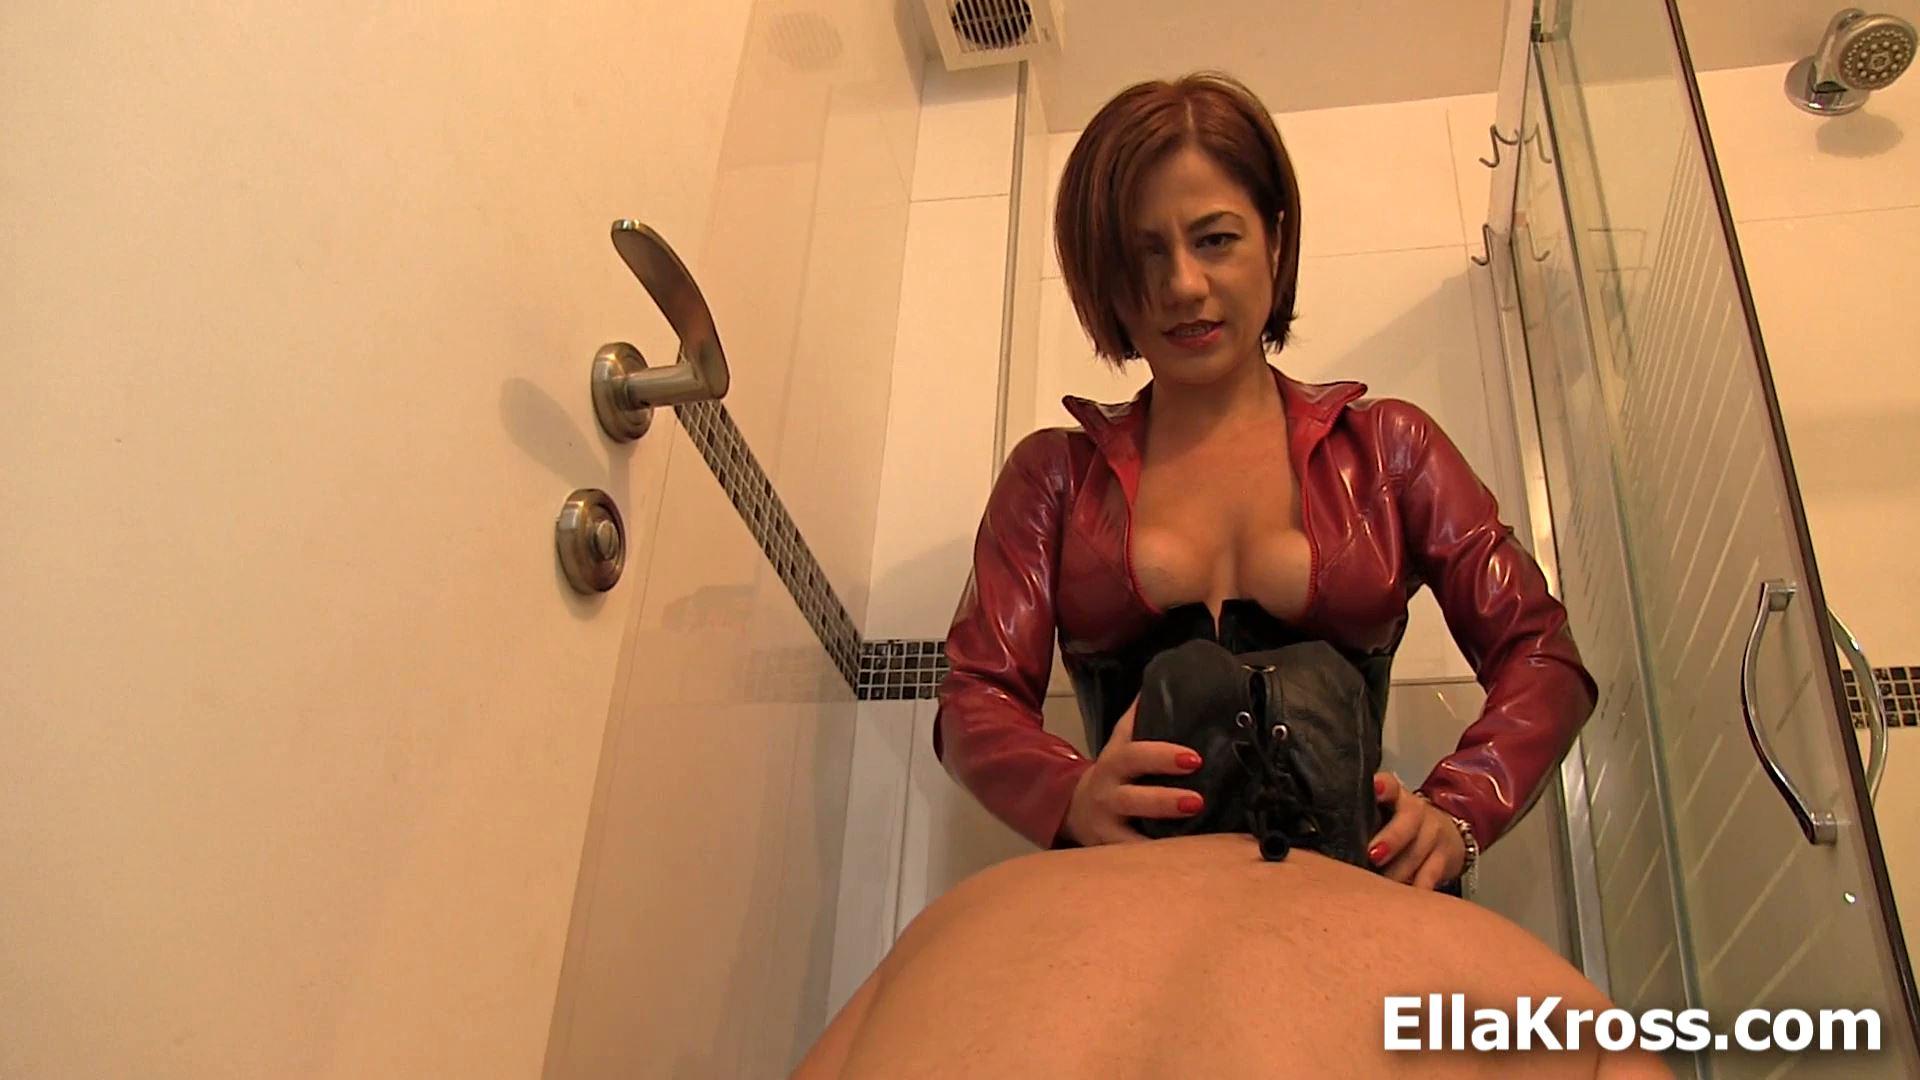 Ella Kross In Scene: My Lifestyle - ELLAKROSS - FULL HD/1080p/MP4